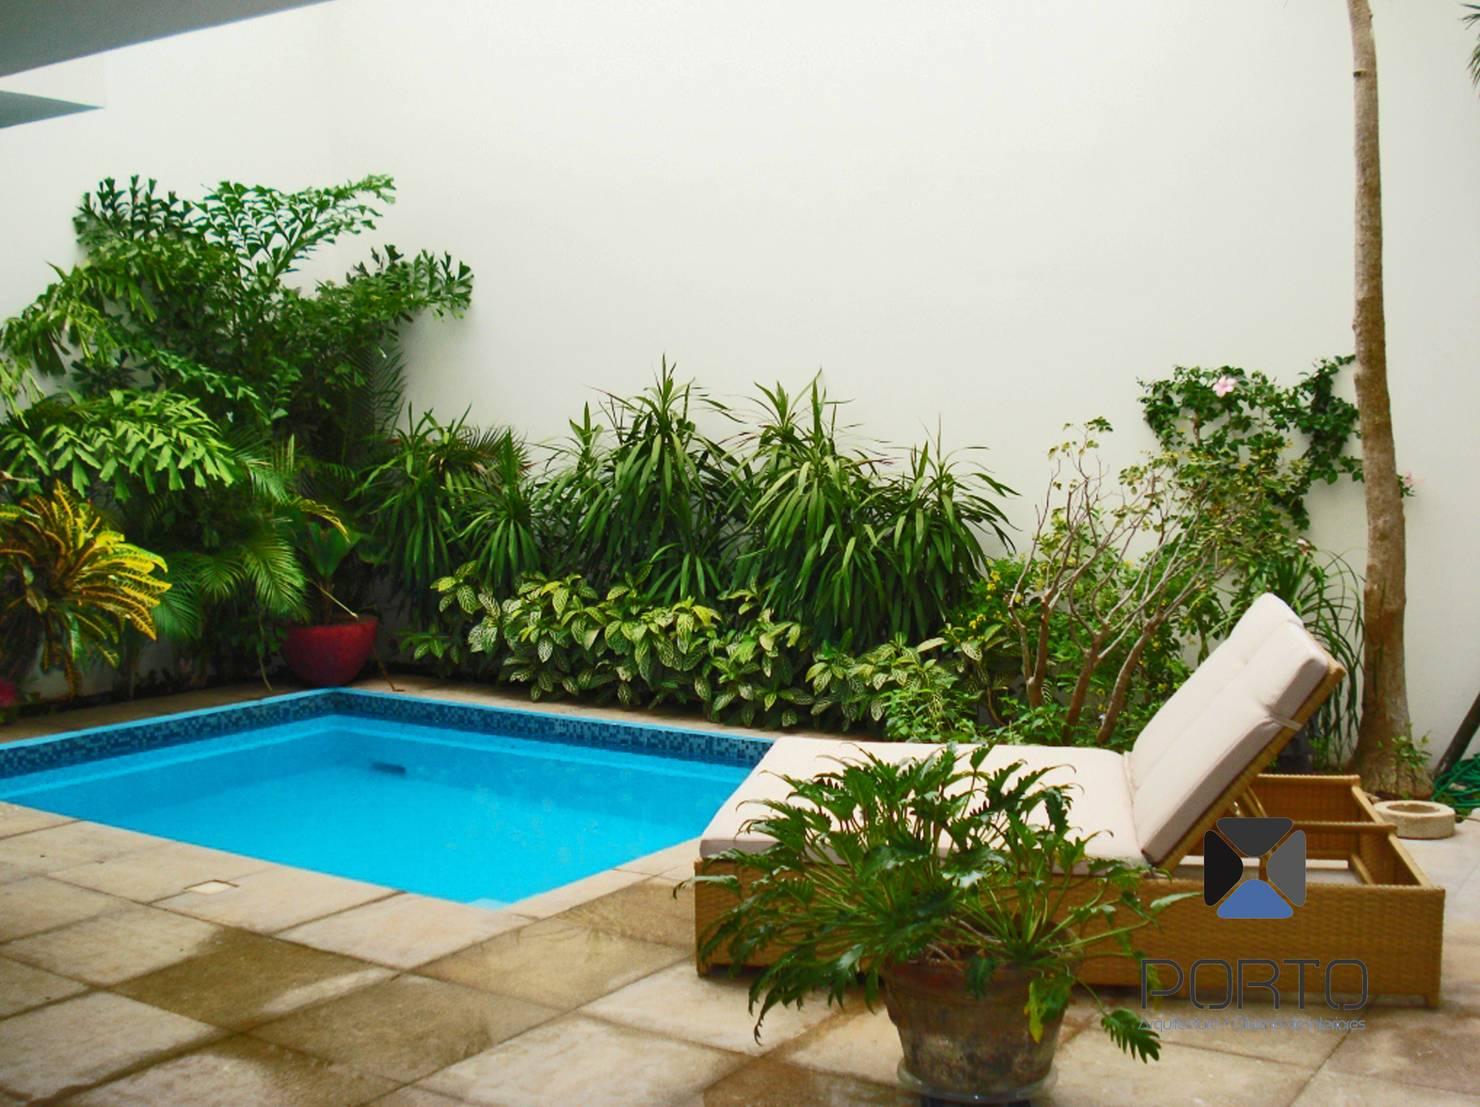 안뜰 및 작은 정원을 위한 아담한 수영장 17